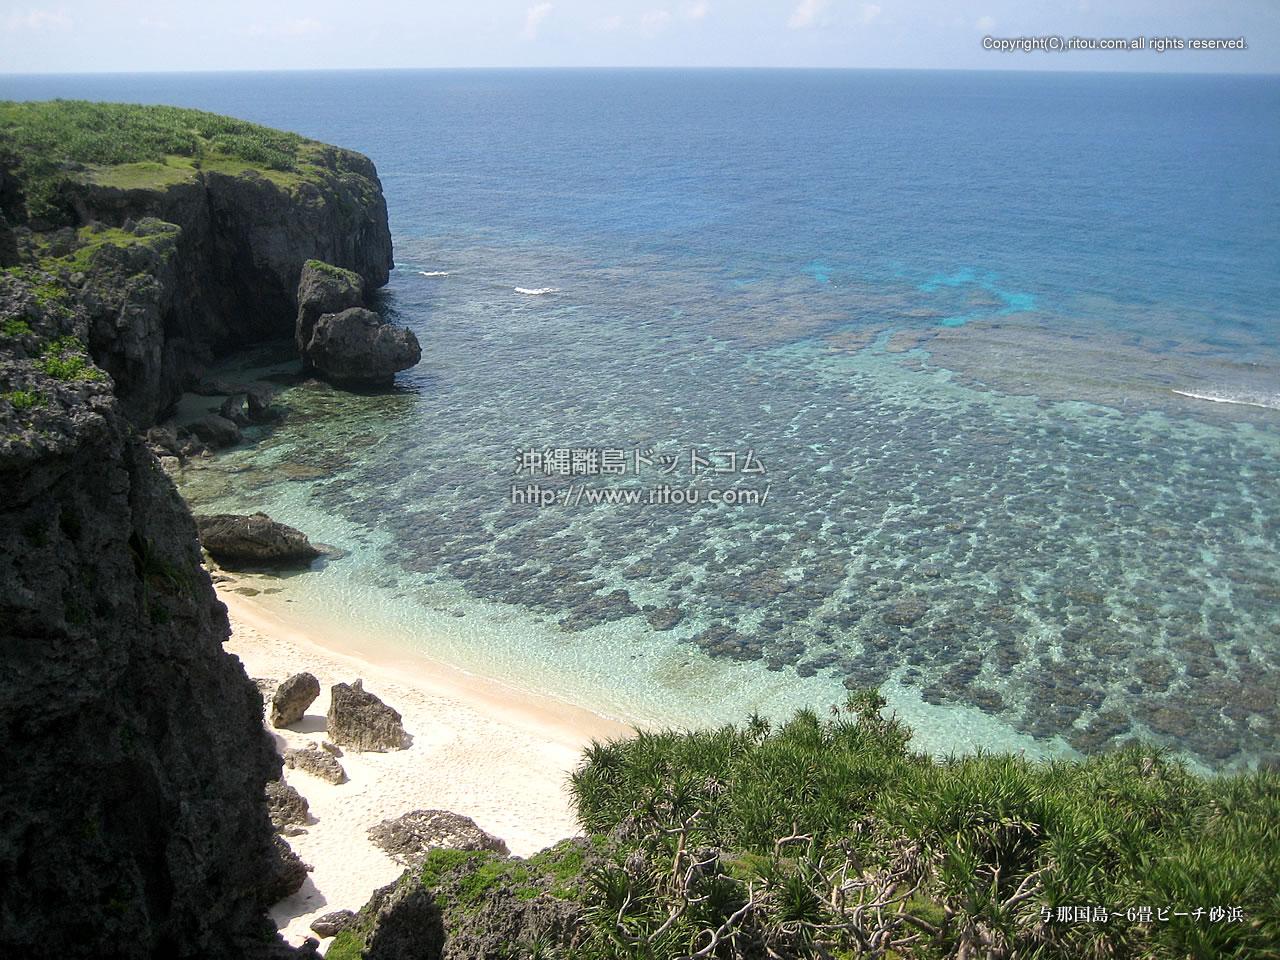 与那国島〜6畳ビーチ砂浜